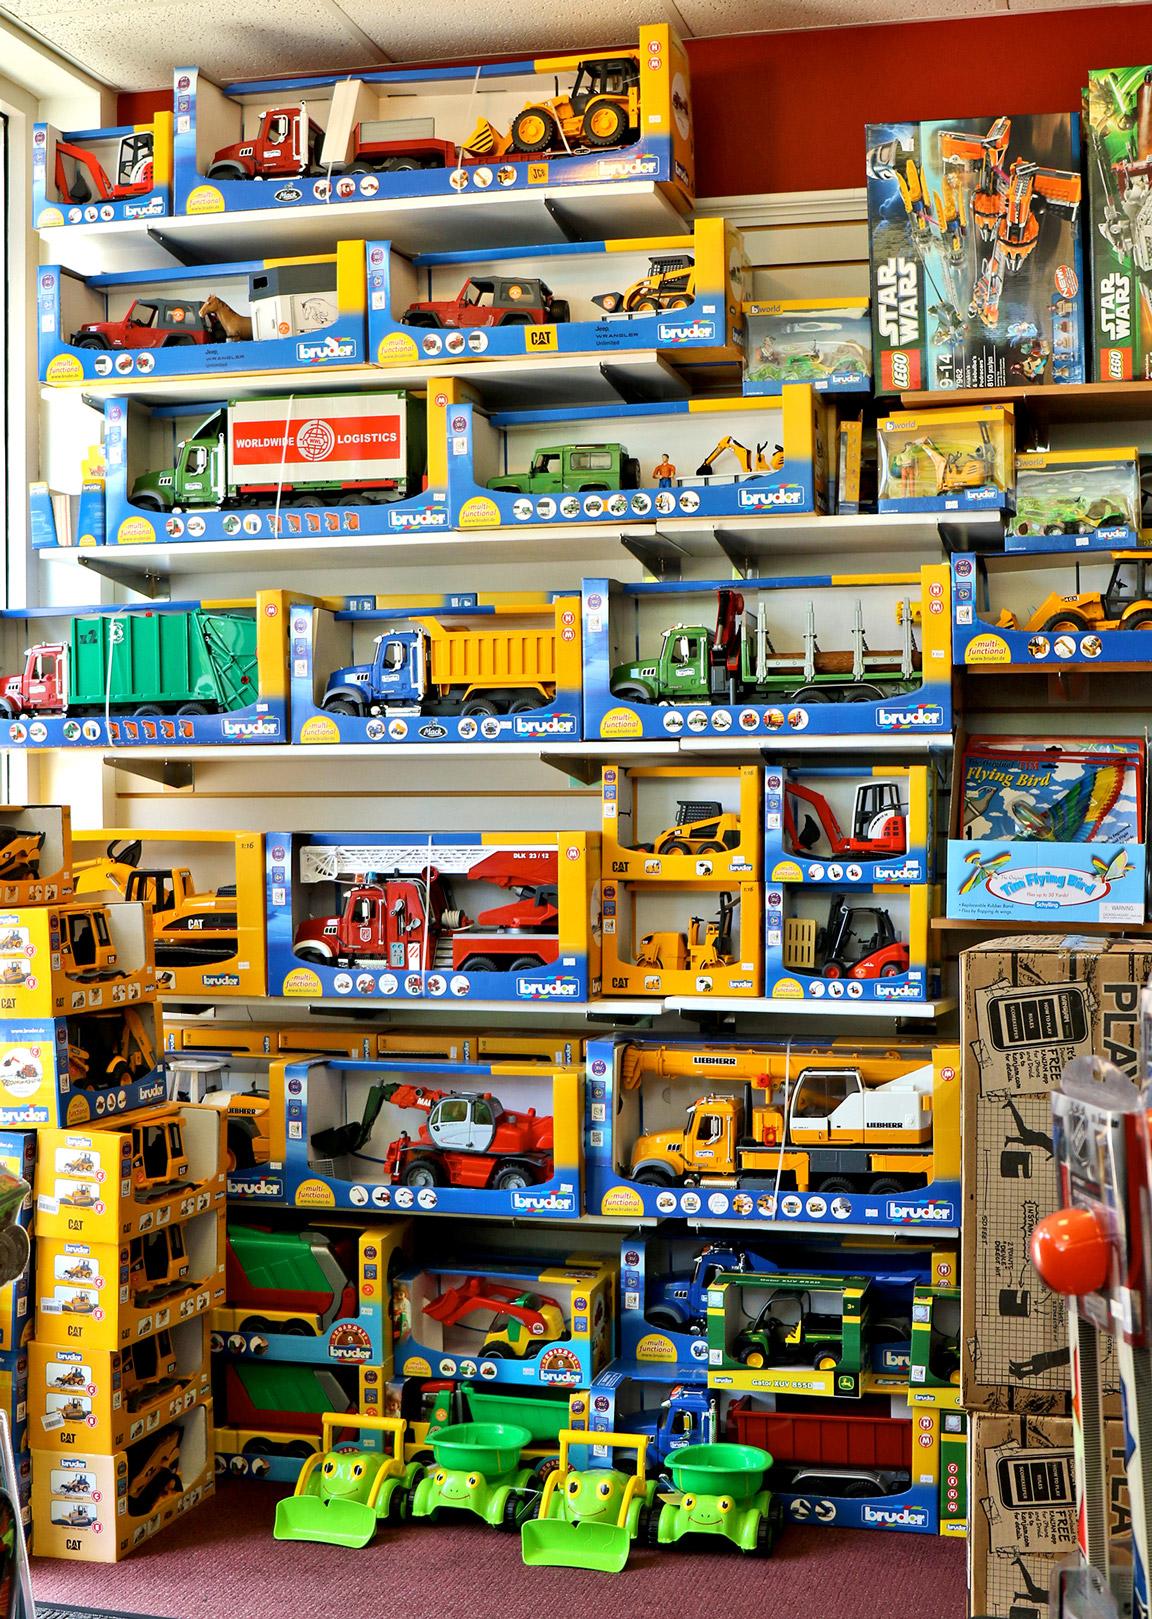 Bruder-Toy-Truck-RedBalloon.jpg